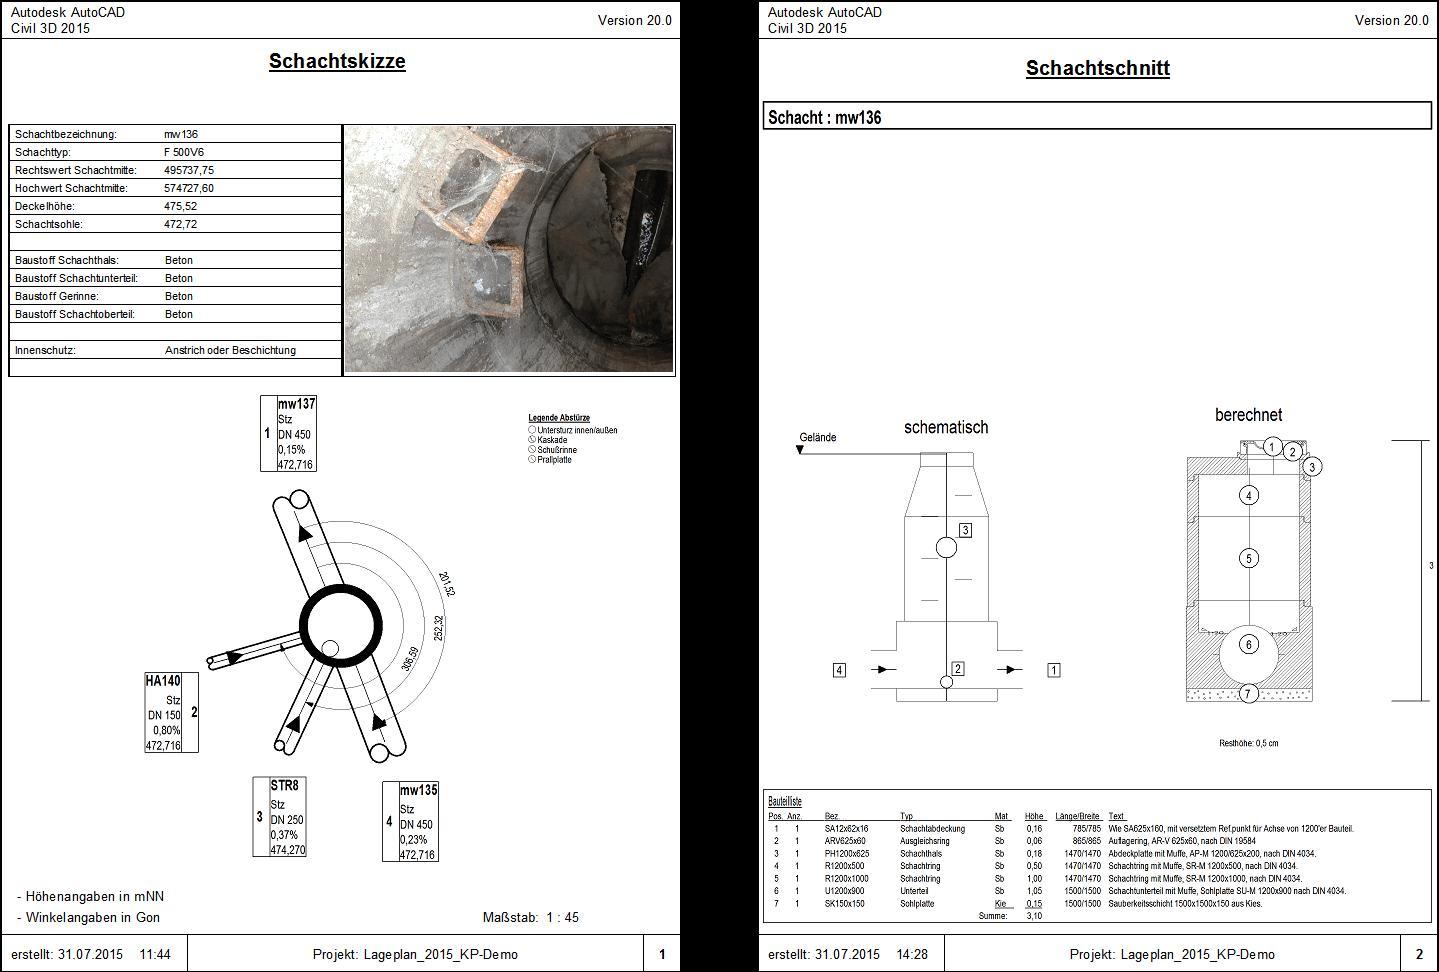 Das zweiseitige Schachtmessblatt mit Schachtuhr und -schnitt